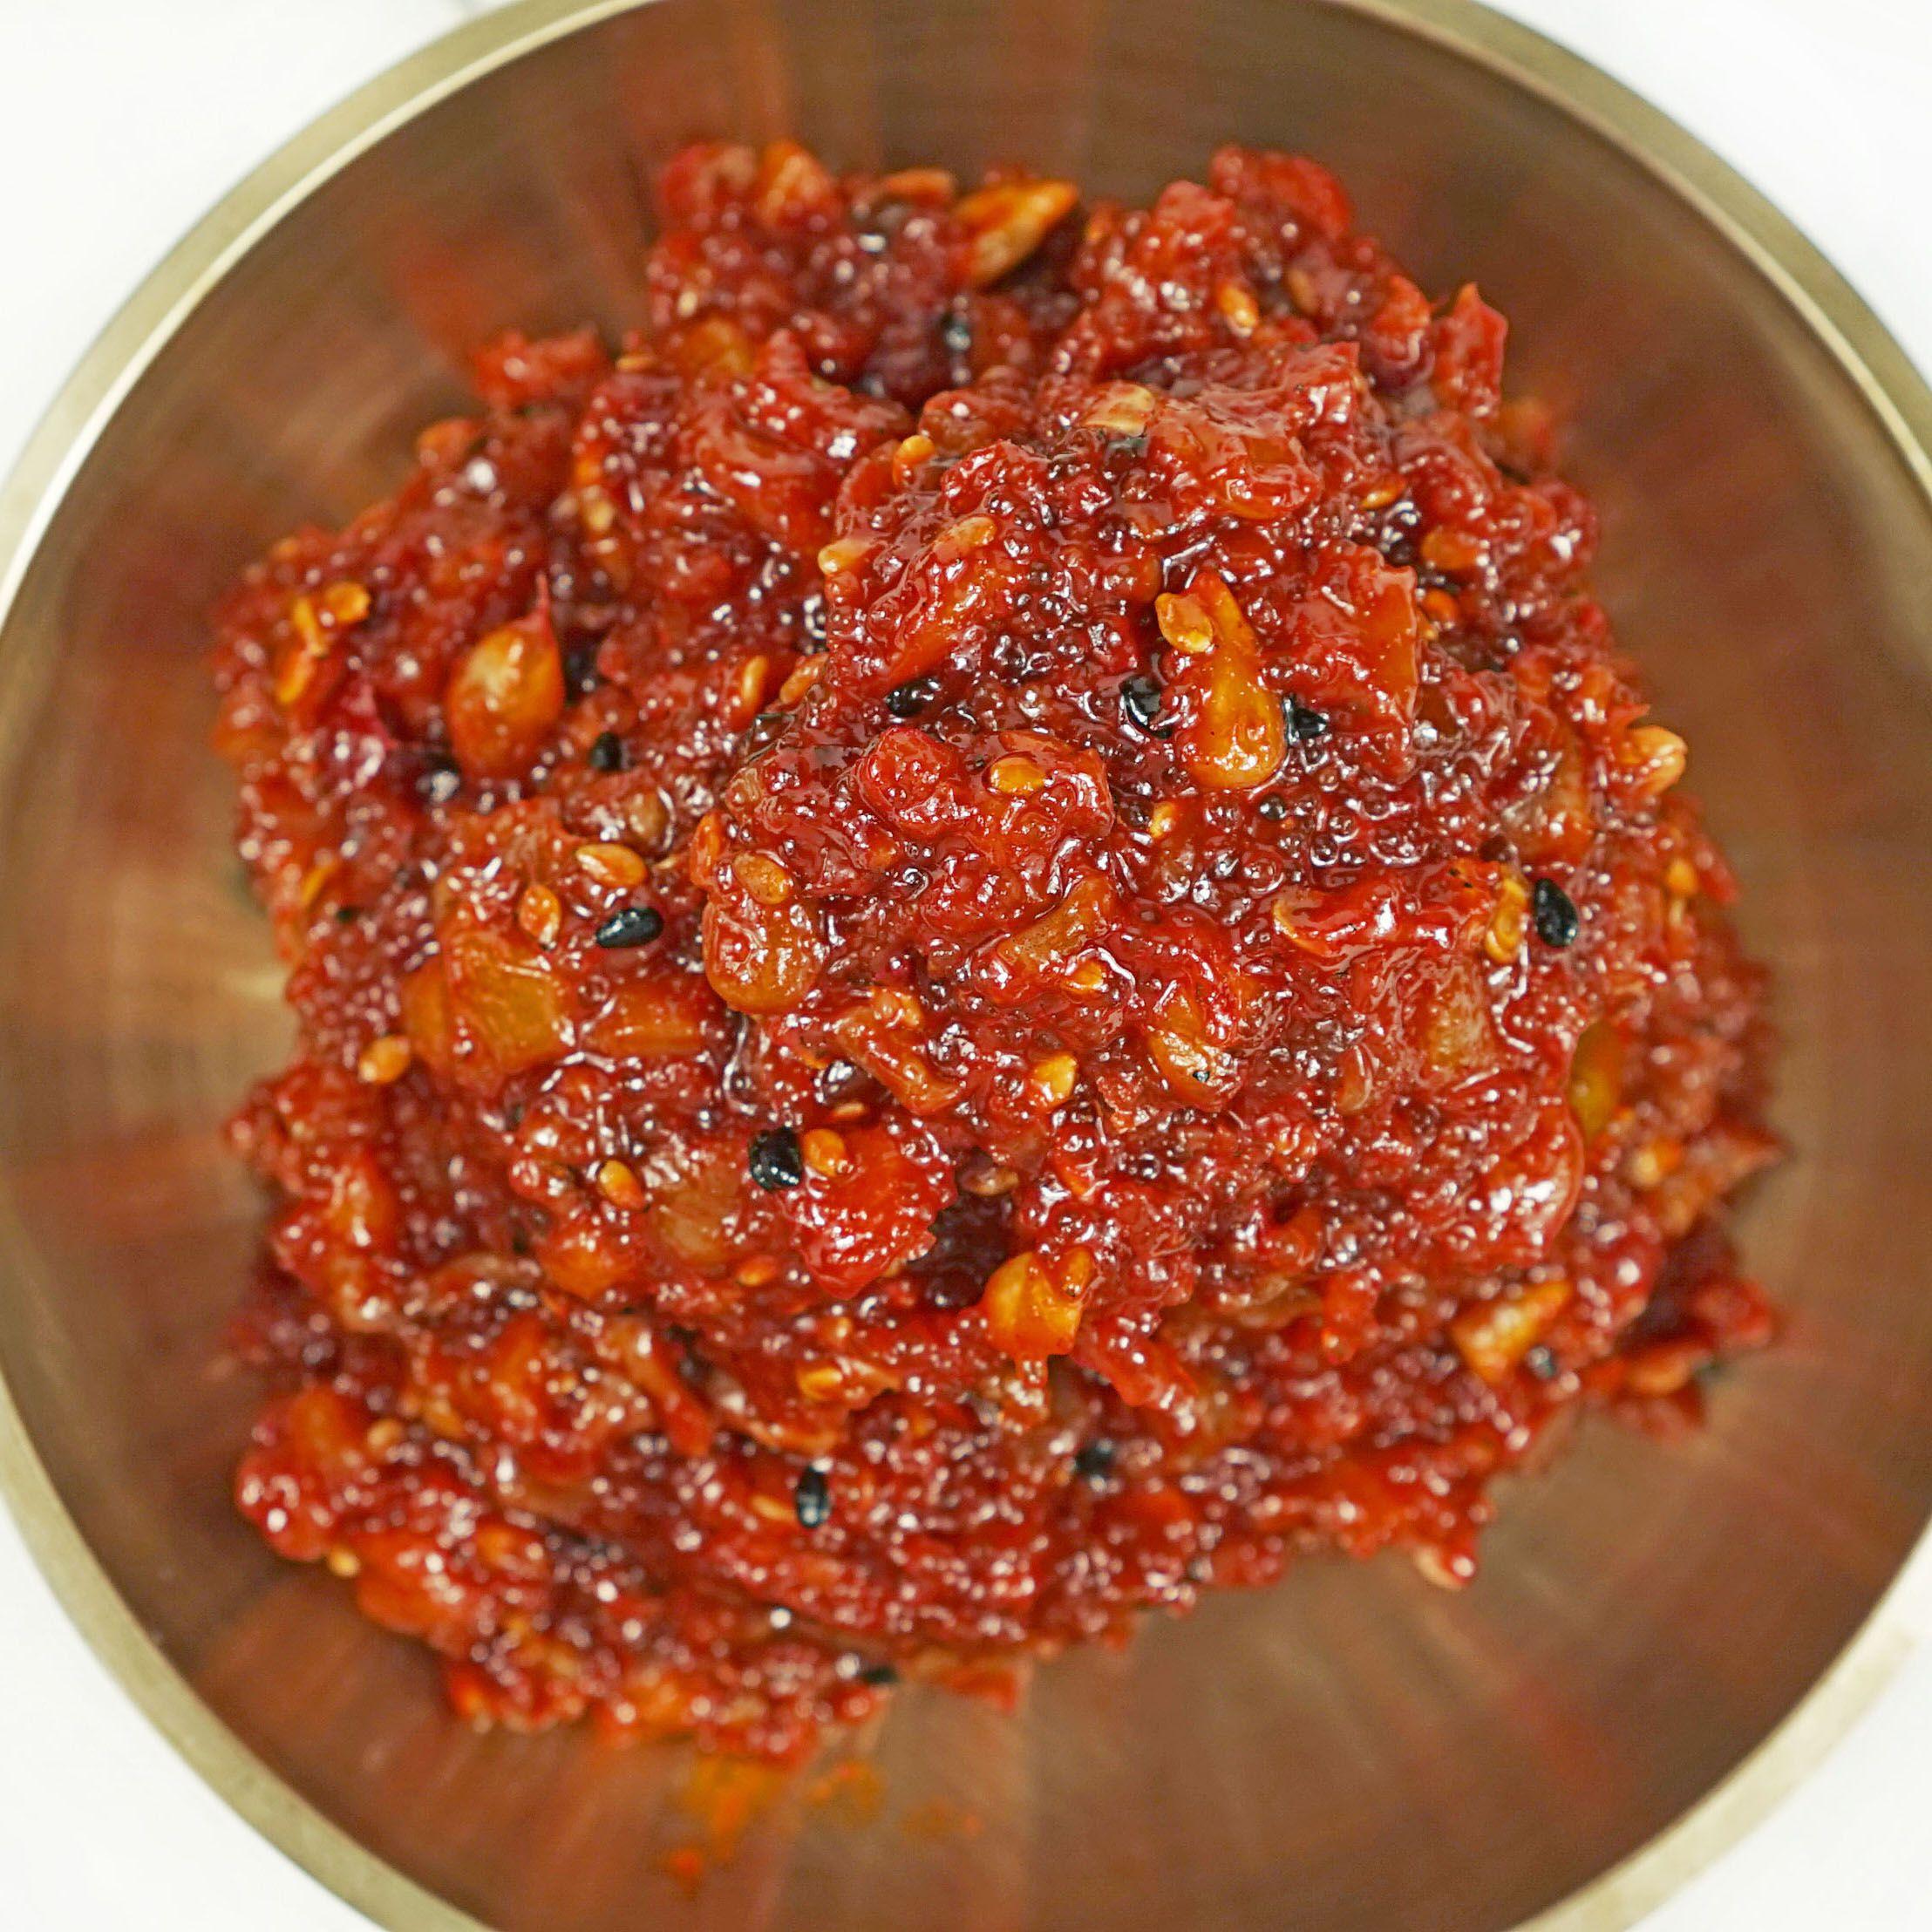 알알이 톡톡 비빔낙지 1kg